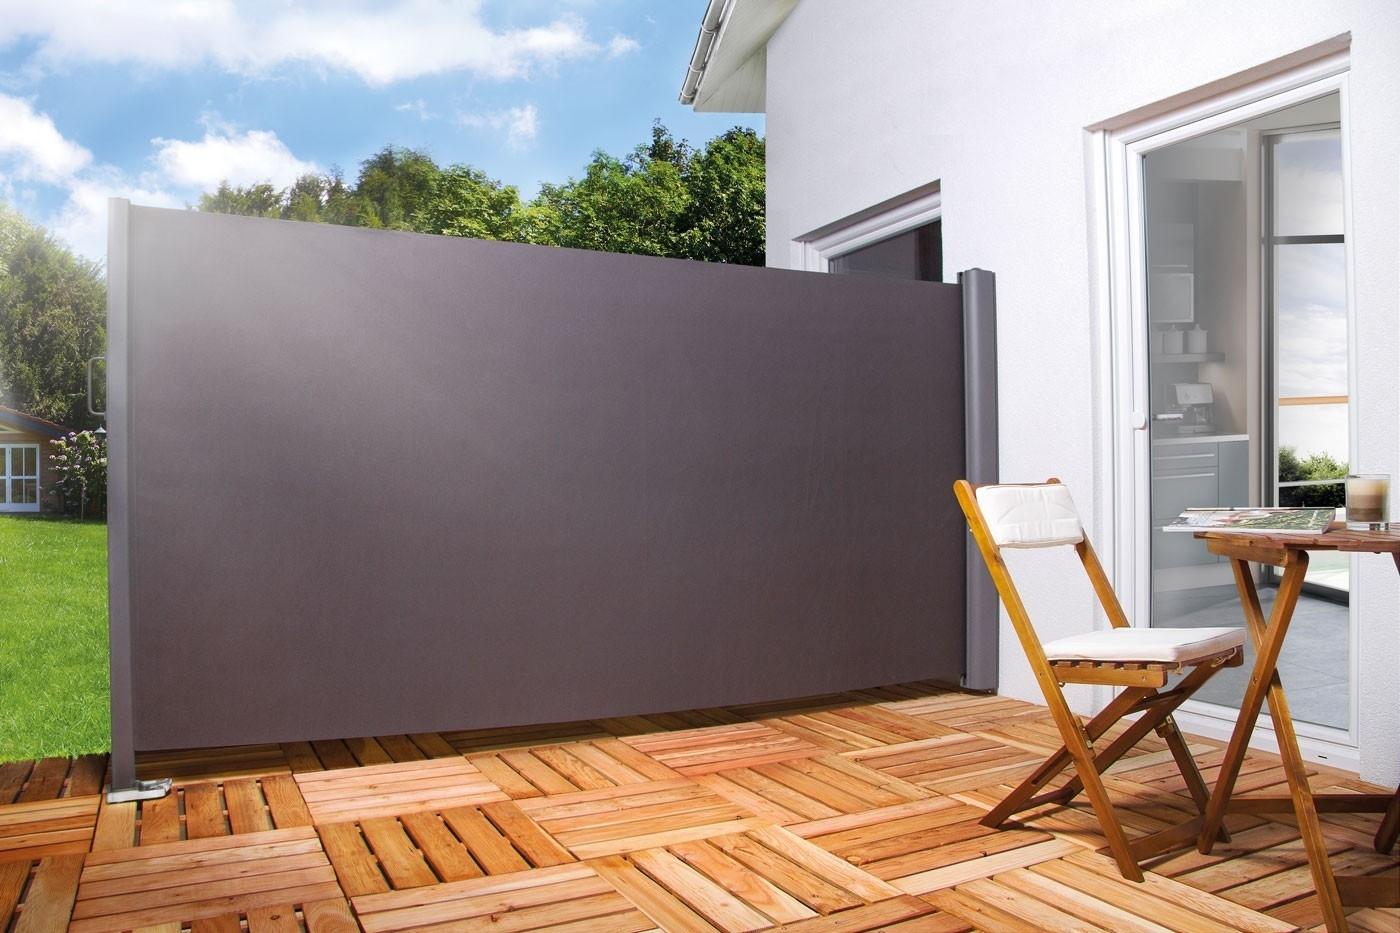 Divisori In Plastica Per Terrazzi frangivento - grigliati e frangivento da giardino - come